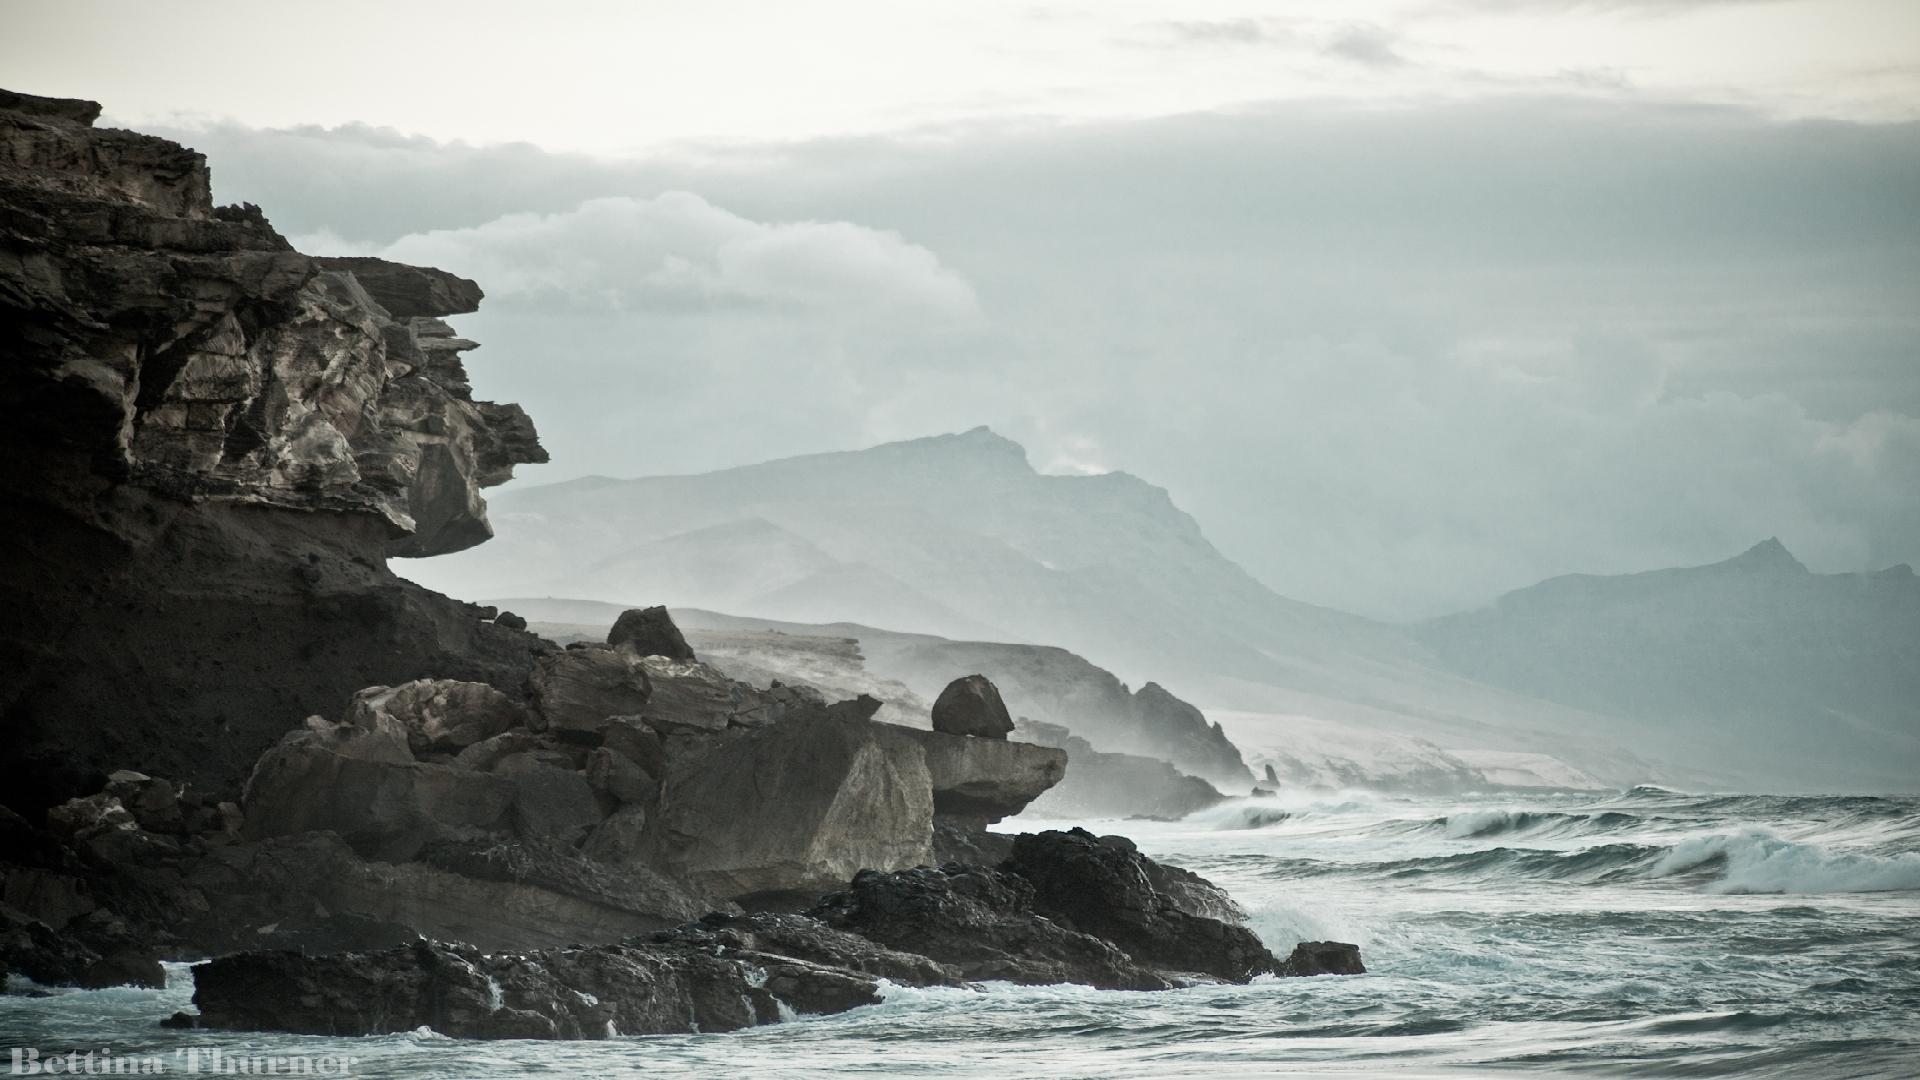 Lichtwert-BestOf_BettinaThurner.Fuerteventura4.jpg